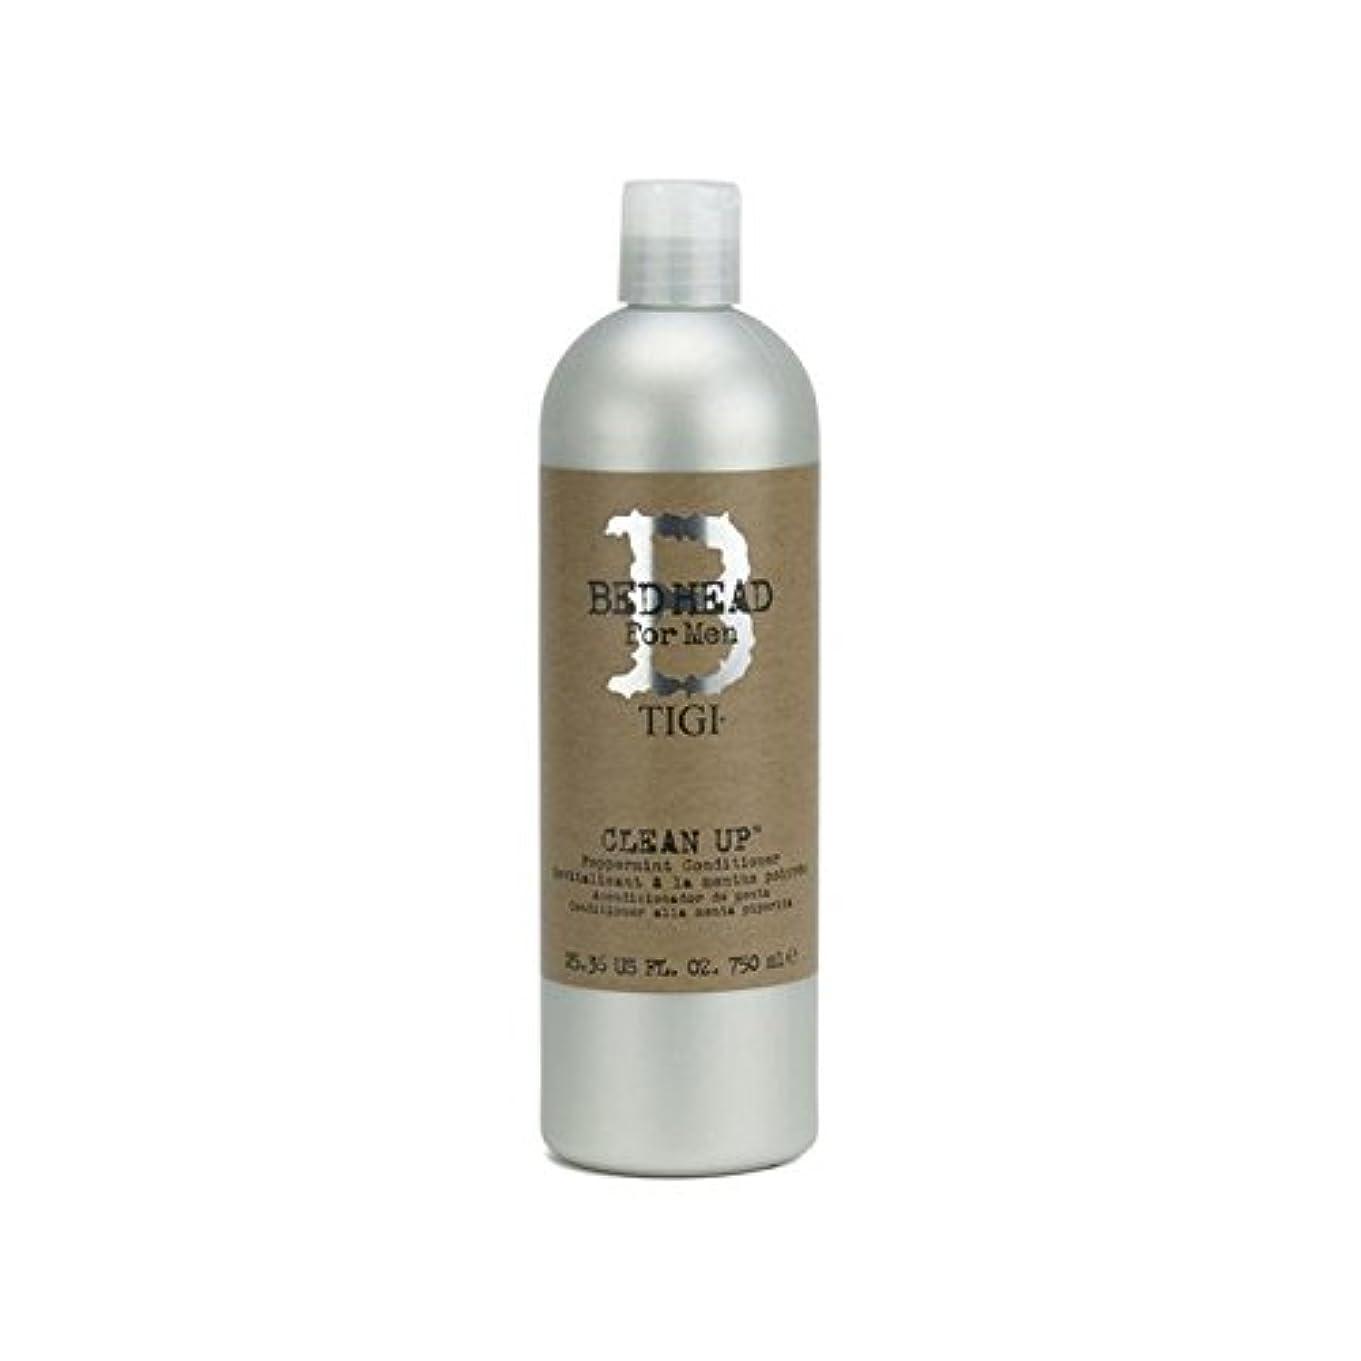 着飾る封建ラインナップTigi Bed Head For Men Clean Up Peppermint Conditioner (750ml) (Pack of 6) - ペパーミントコンディショナーをクリーンアップする男性のためのティジーベッドヘッド(750ミリリットル) x6 [並行輸入品]